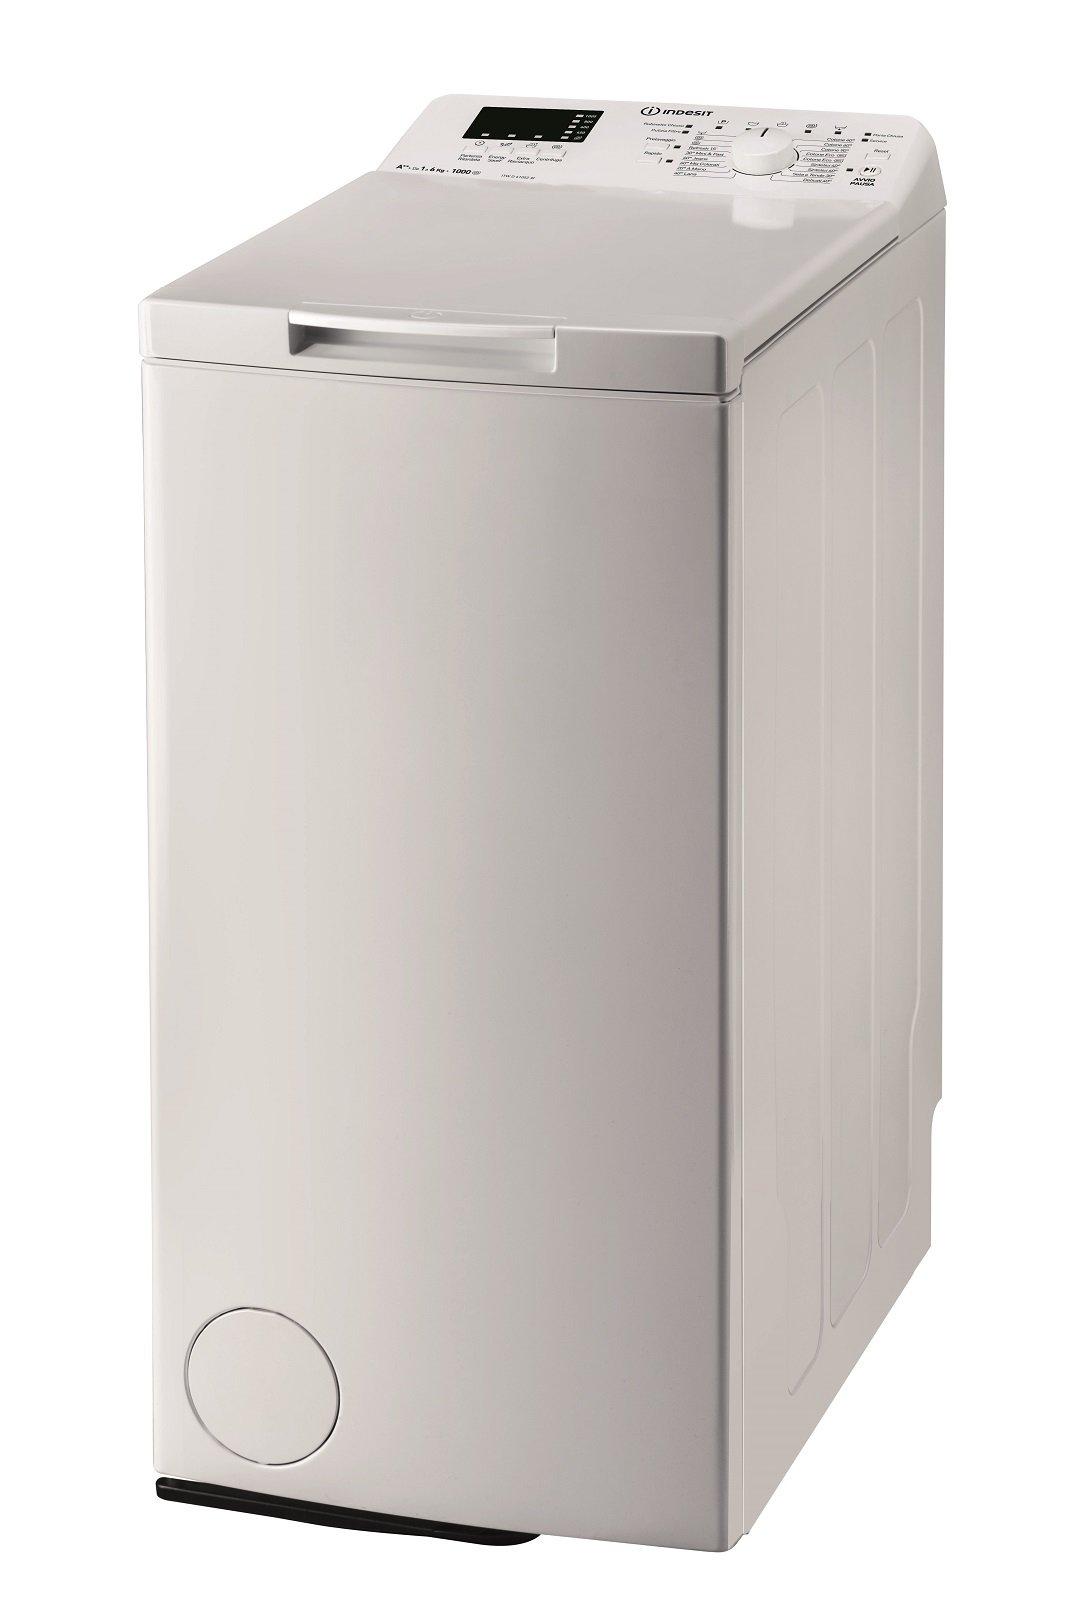 Low cost elettrodomestici modello basic cose di casa for Lavatrice low cost